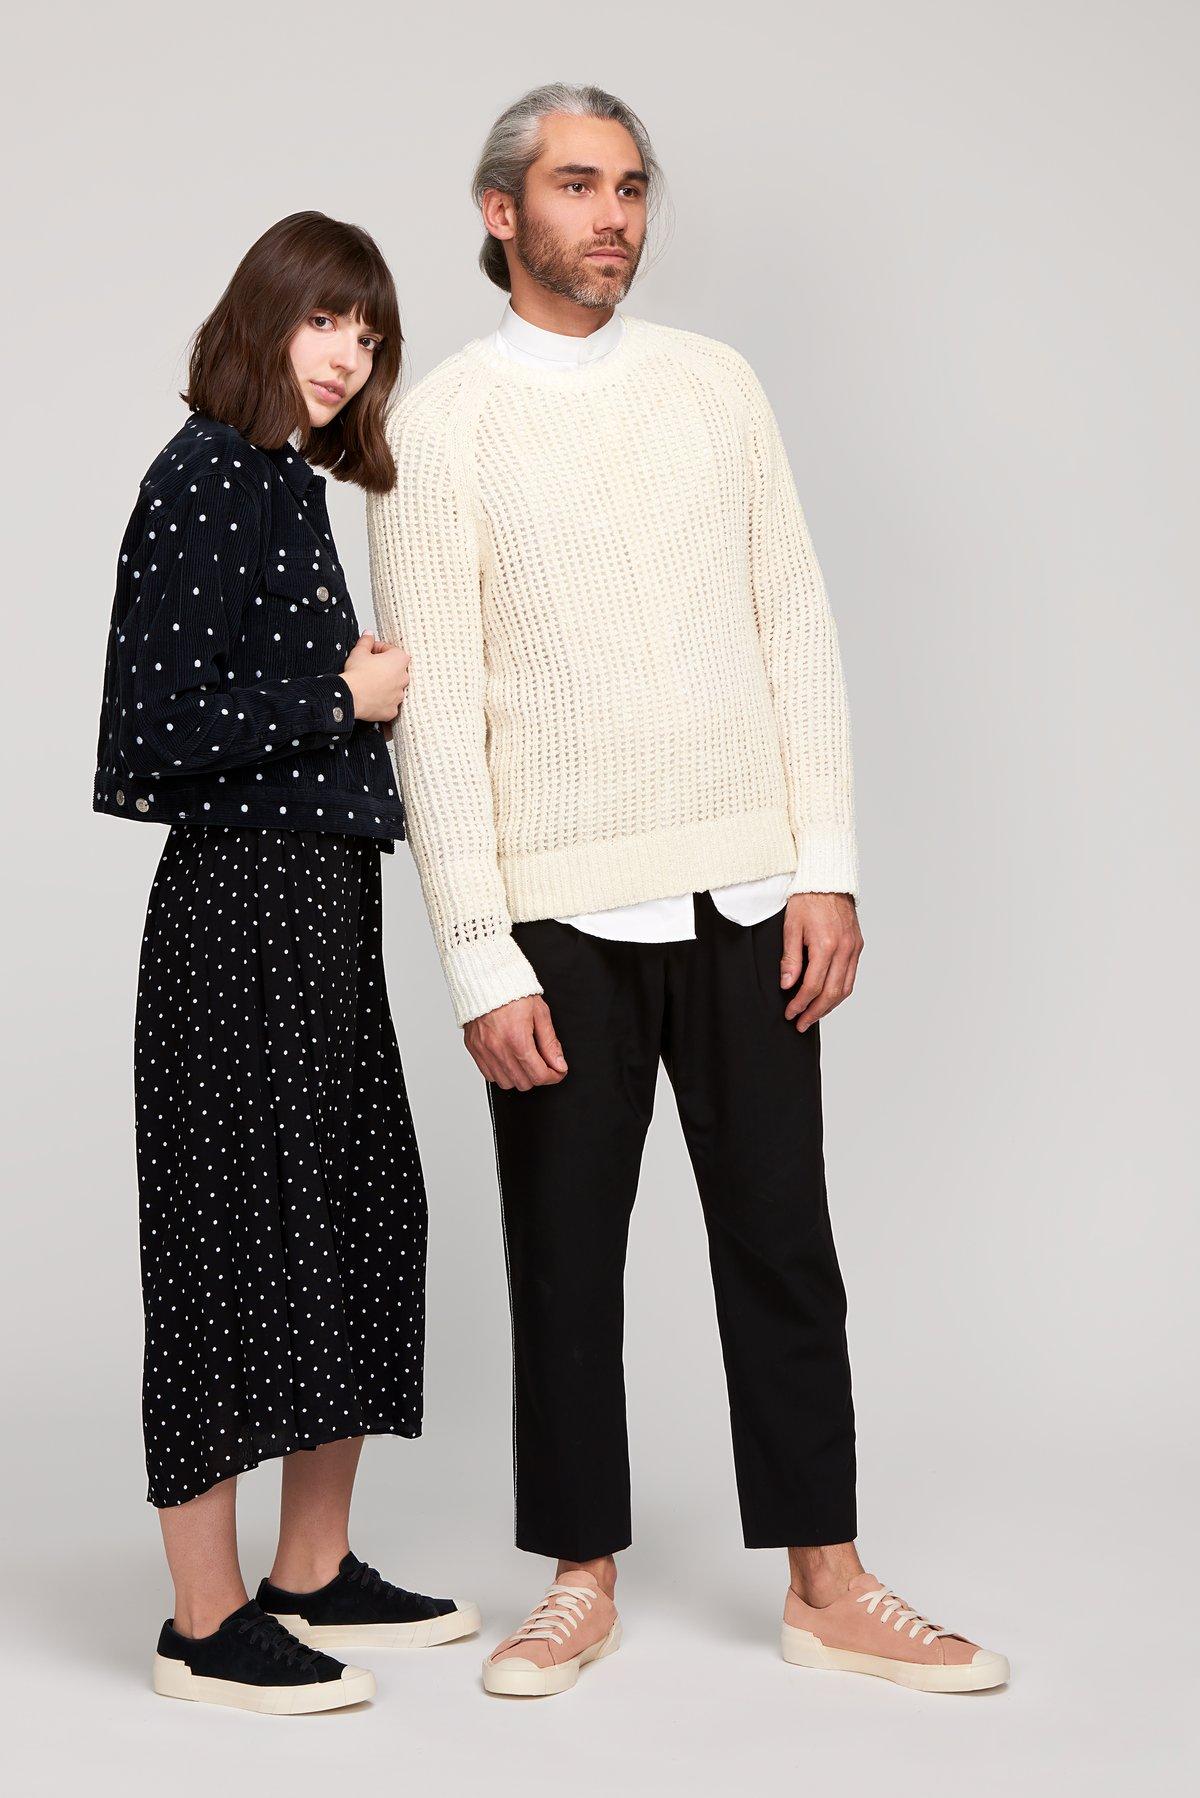 MAGUIRE_taipei_duo_couple_2_modele_656_1200x.jpg